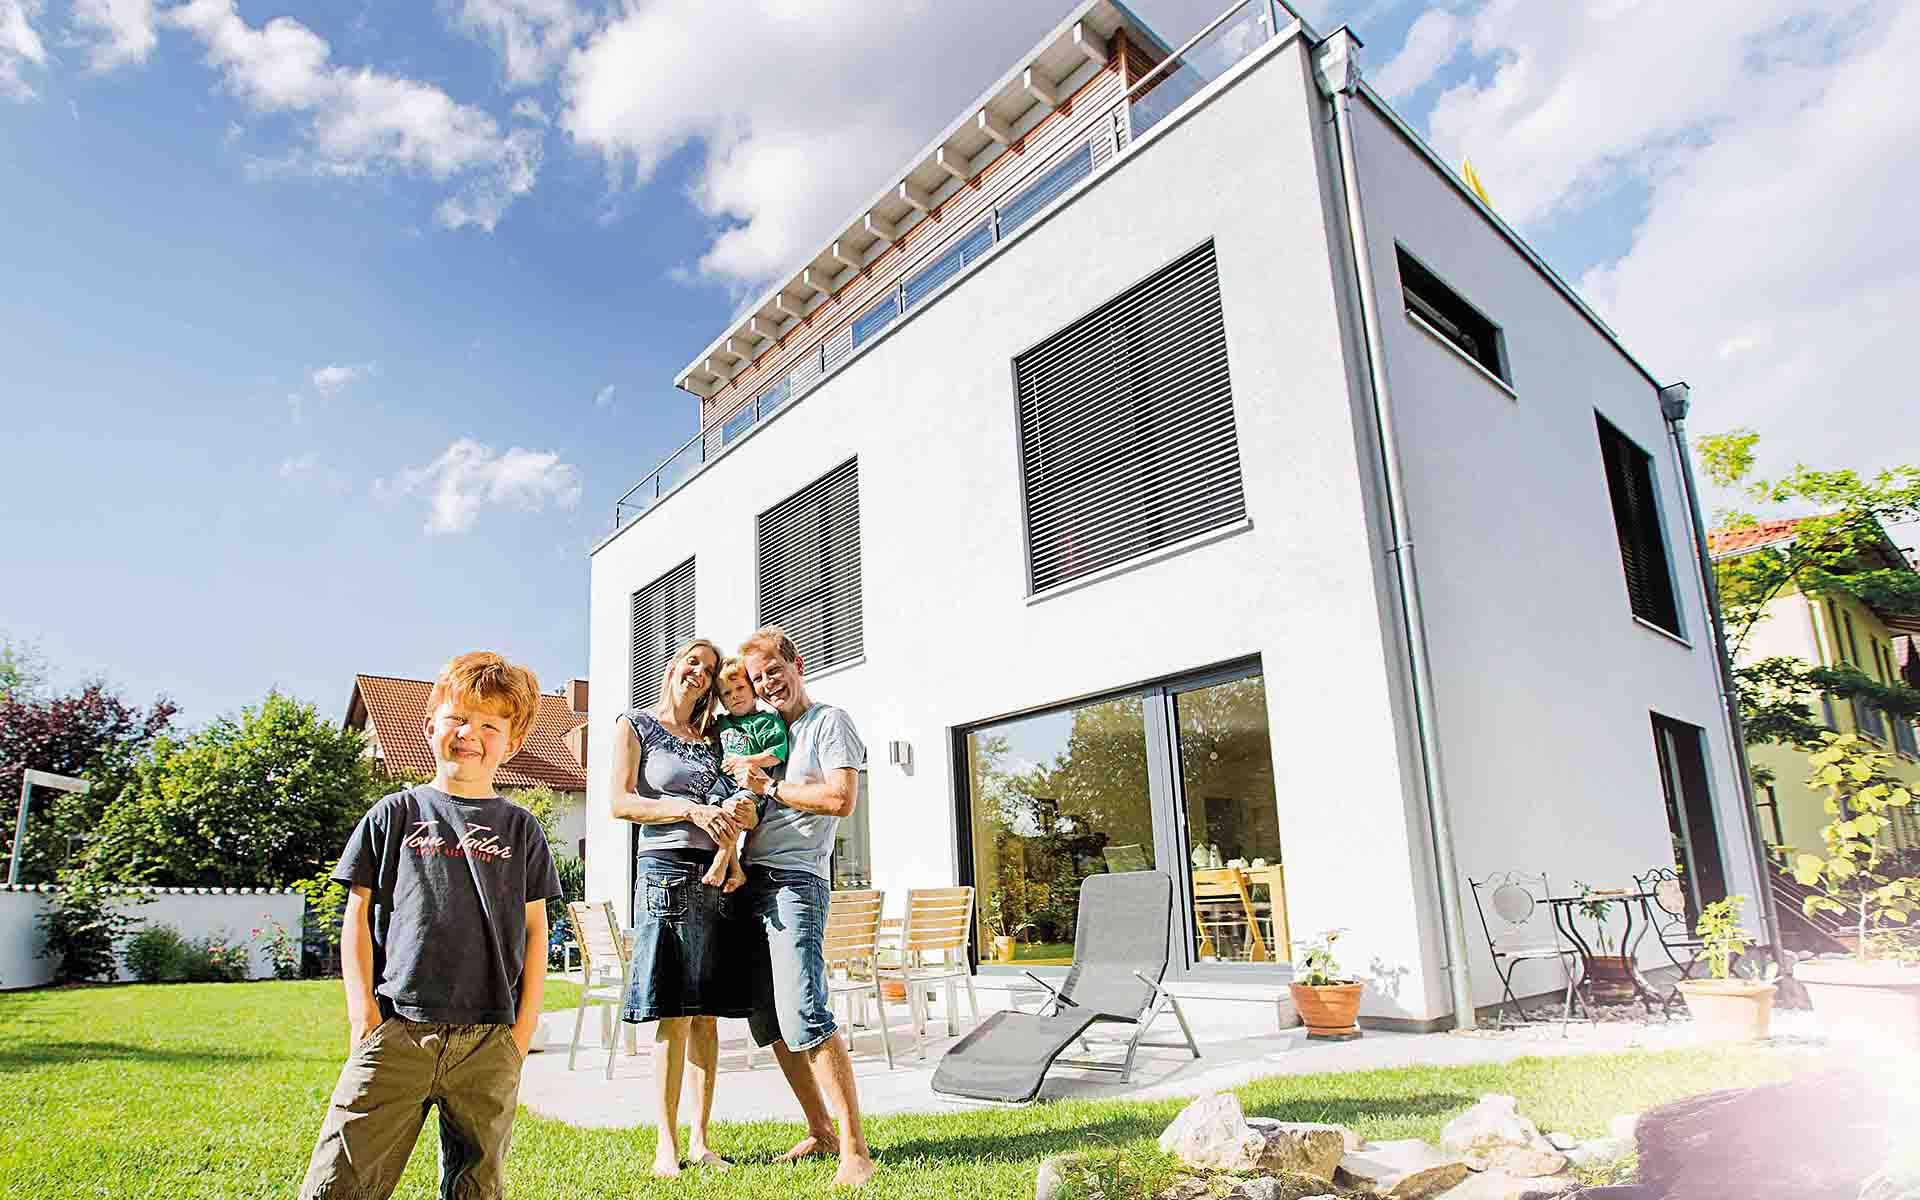 Nolina von FischerHaus GmbH & Co. KG